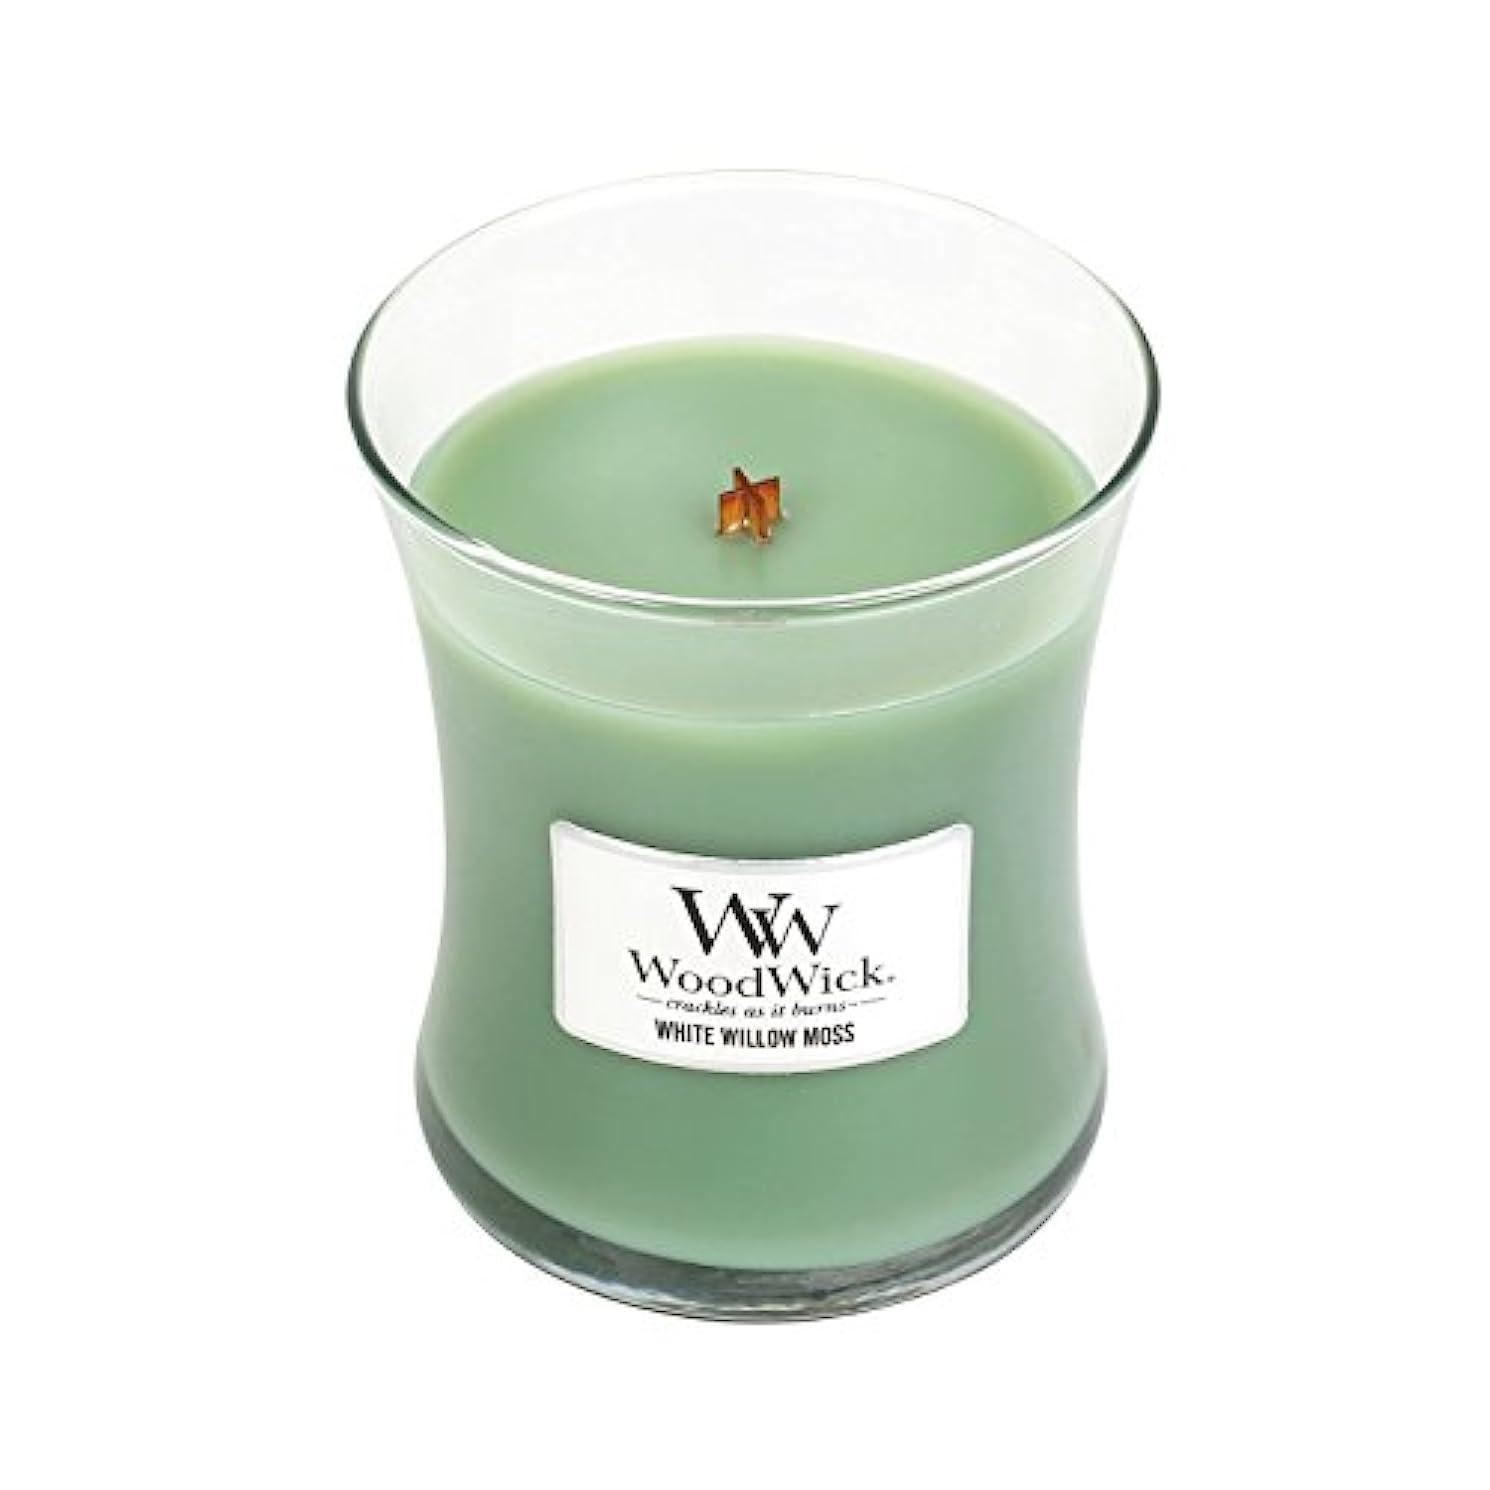 シンボル抜粋戻るWoodwickホワイトWillowモス、Highly Scented Candle、クラシック砂時計Jar、Medium 4インチ、9.7 Oz